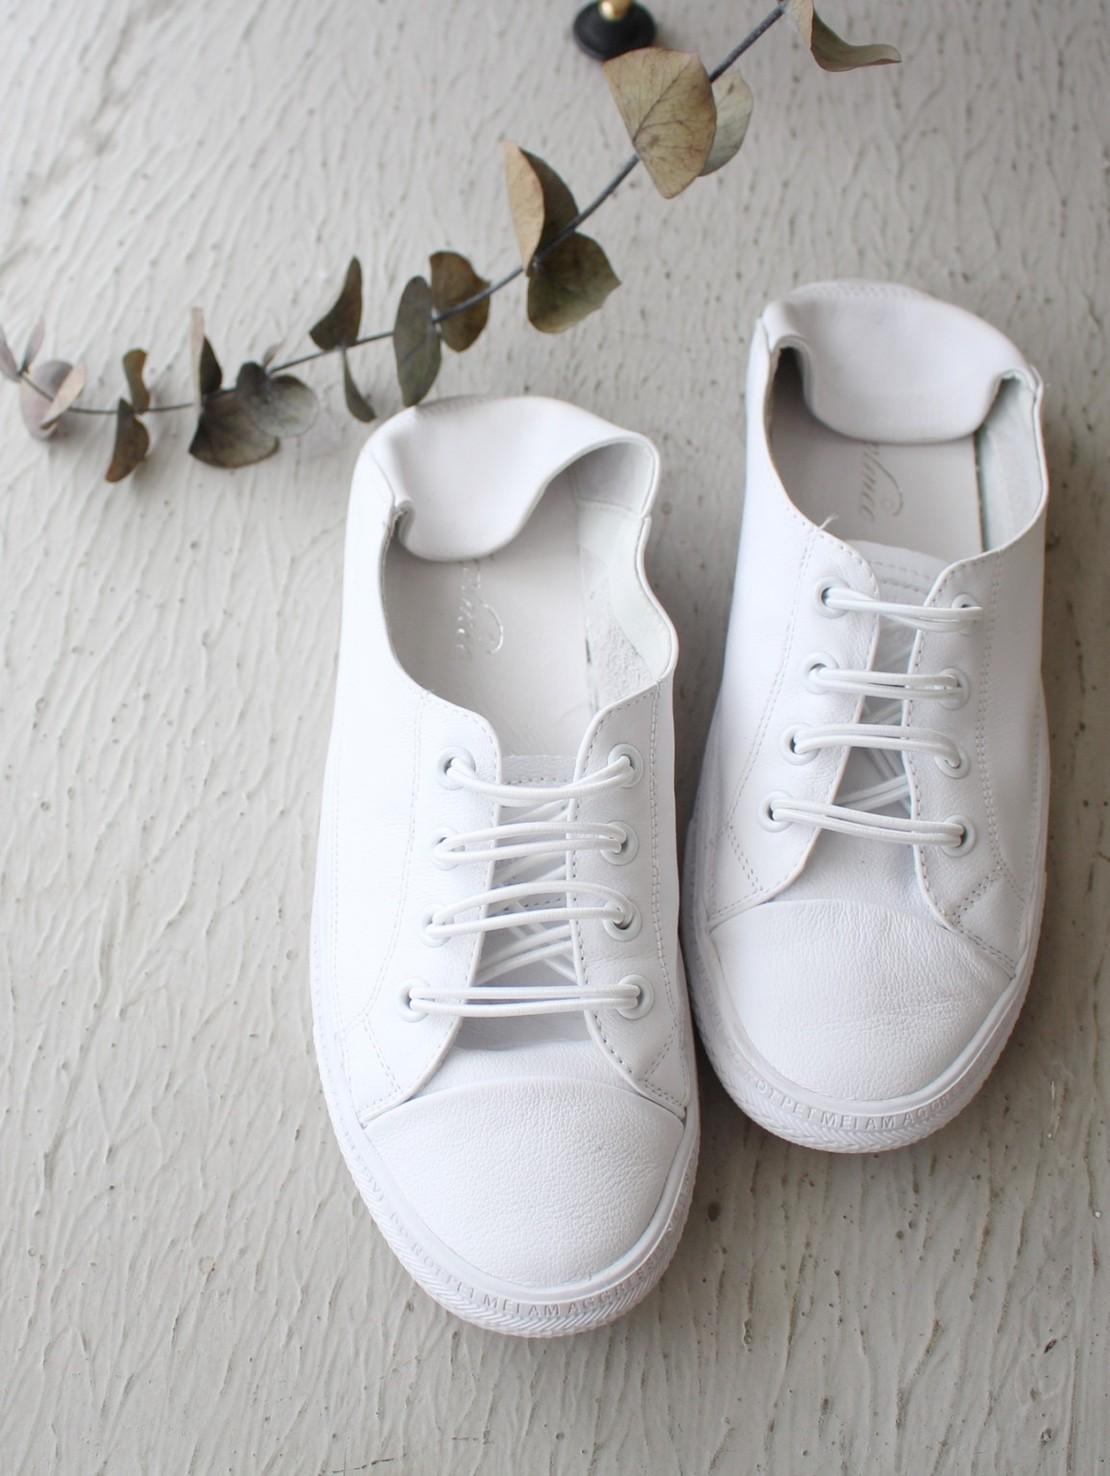 MAY_5253 韓 夏天白色皮革綁帶便鞋 #07026602(預購-白)